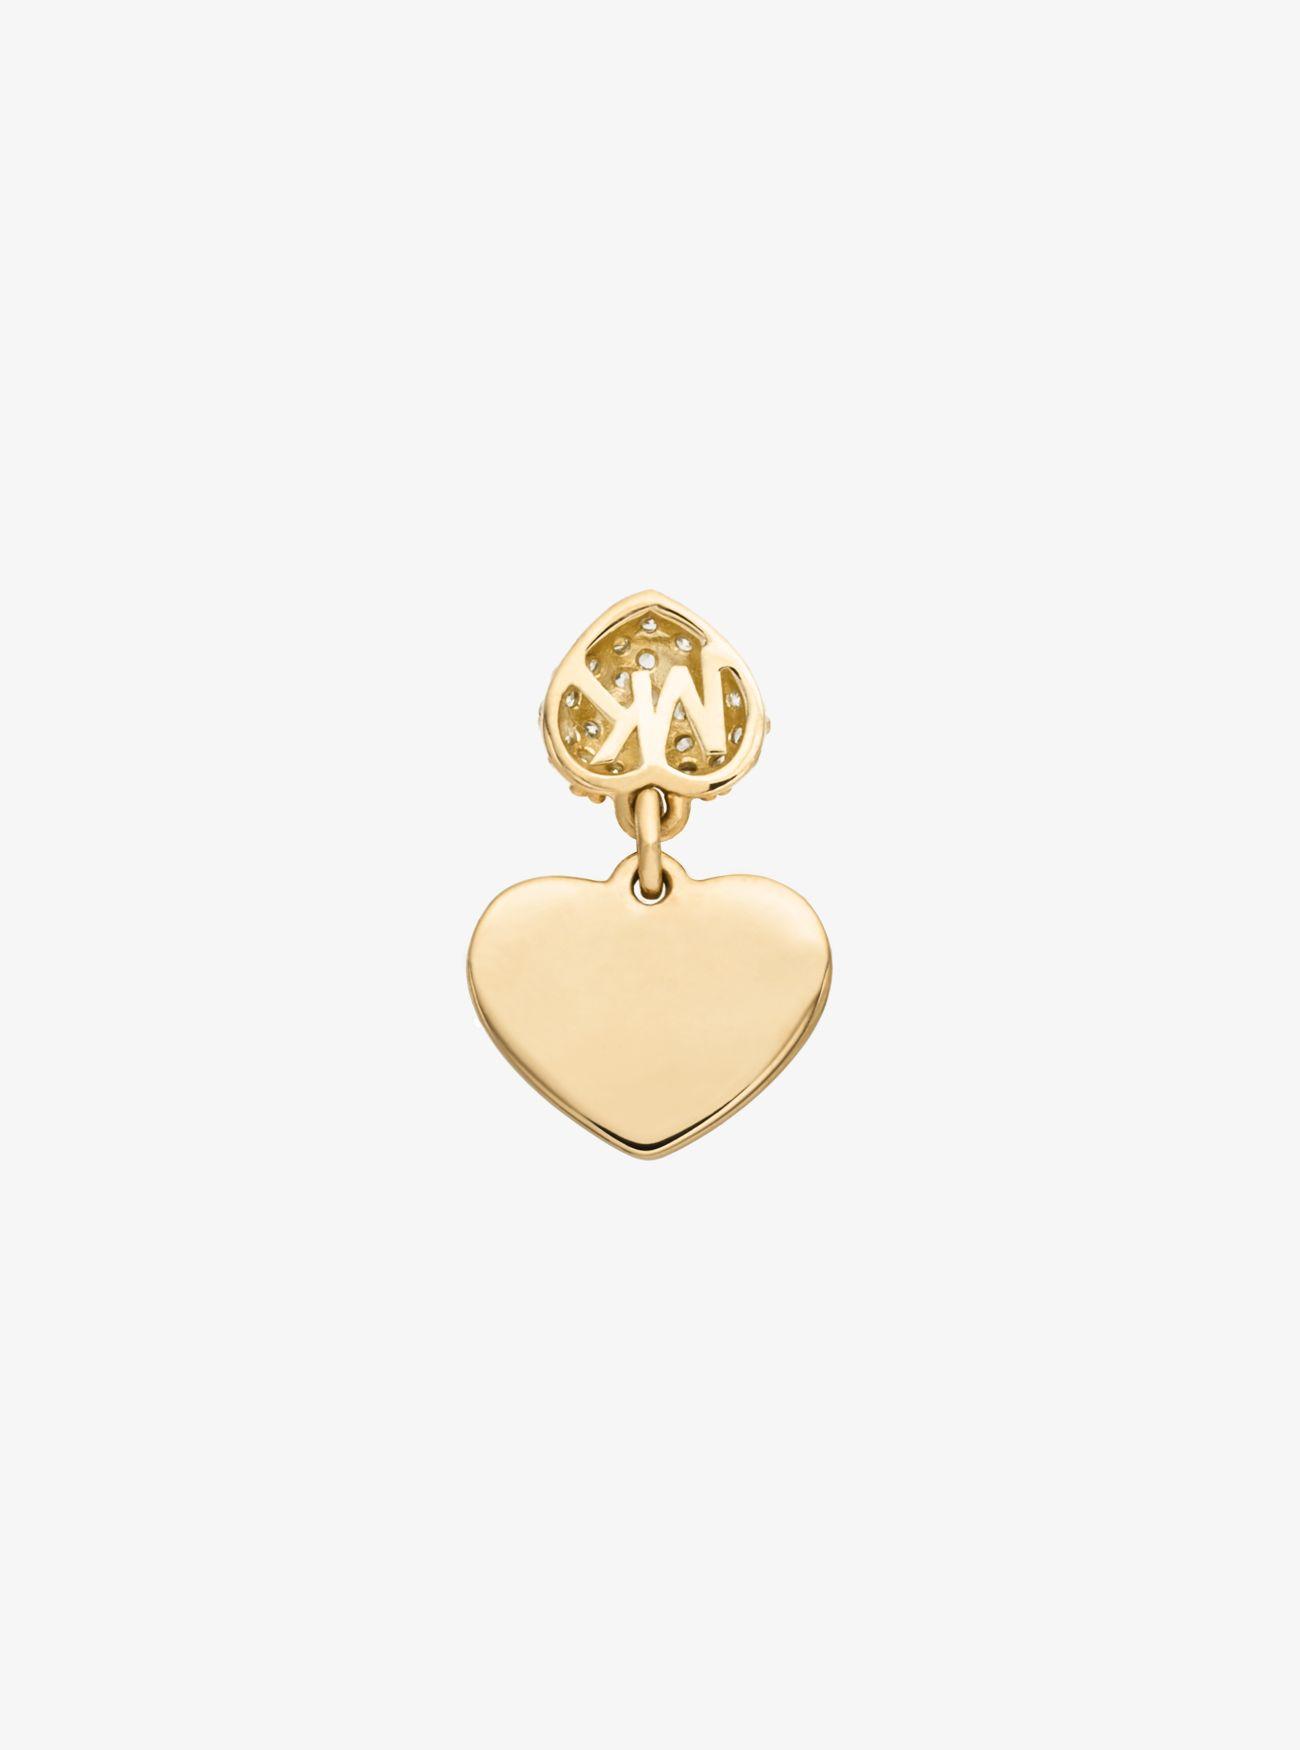 Павильон из стерлингового серебра с покрытием из драгоценных металлов? Сердце Ожерелье Michael Kors